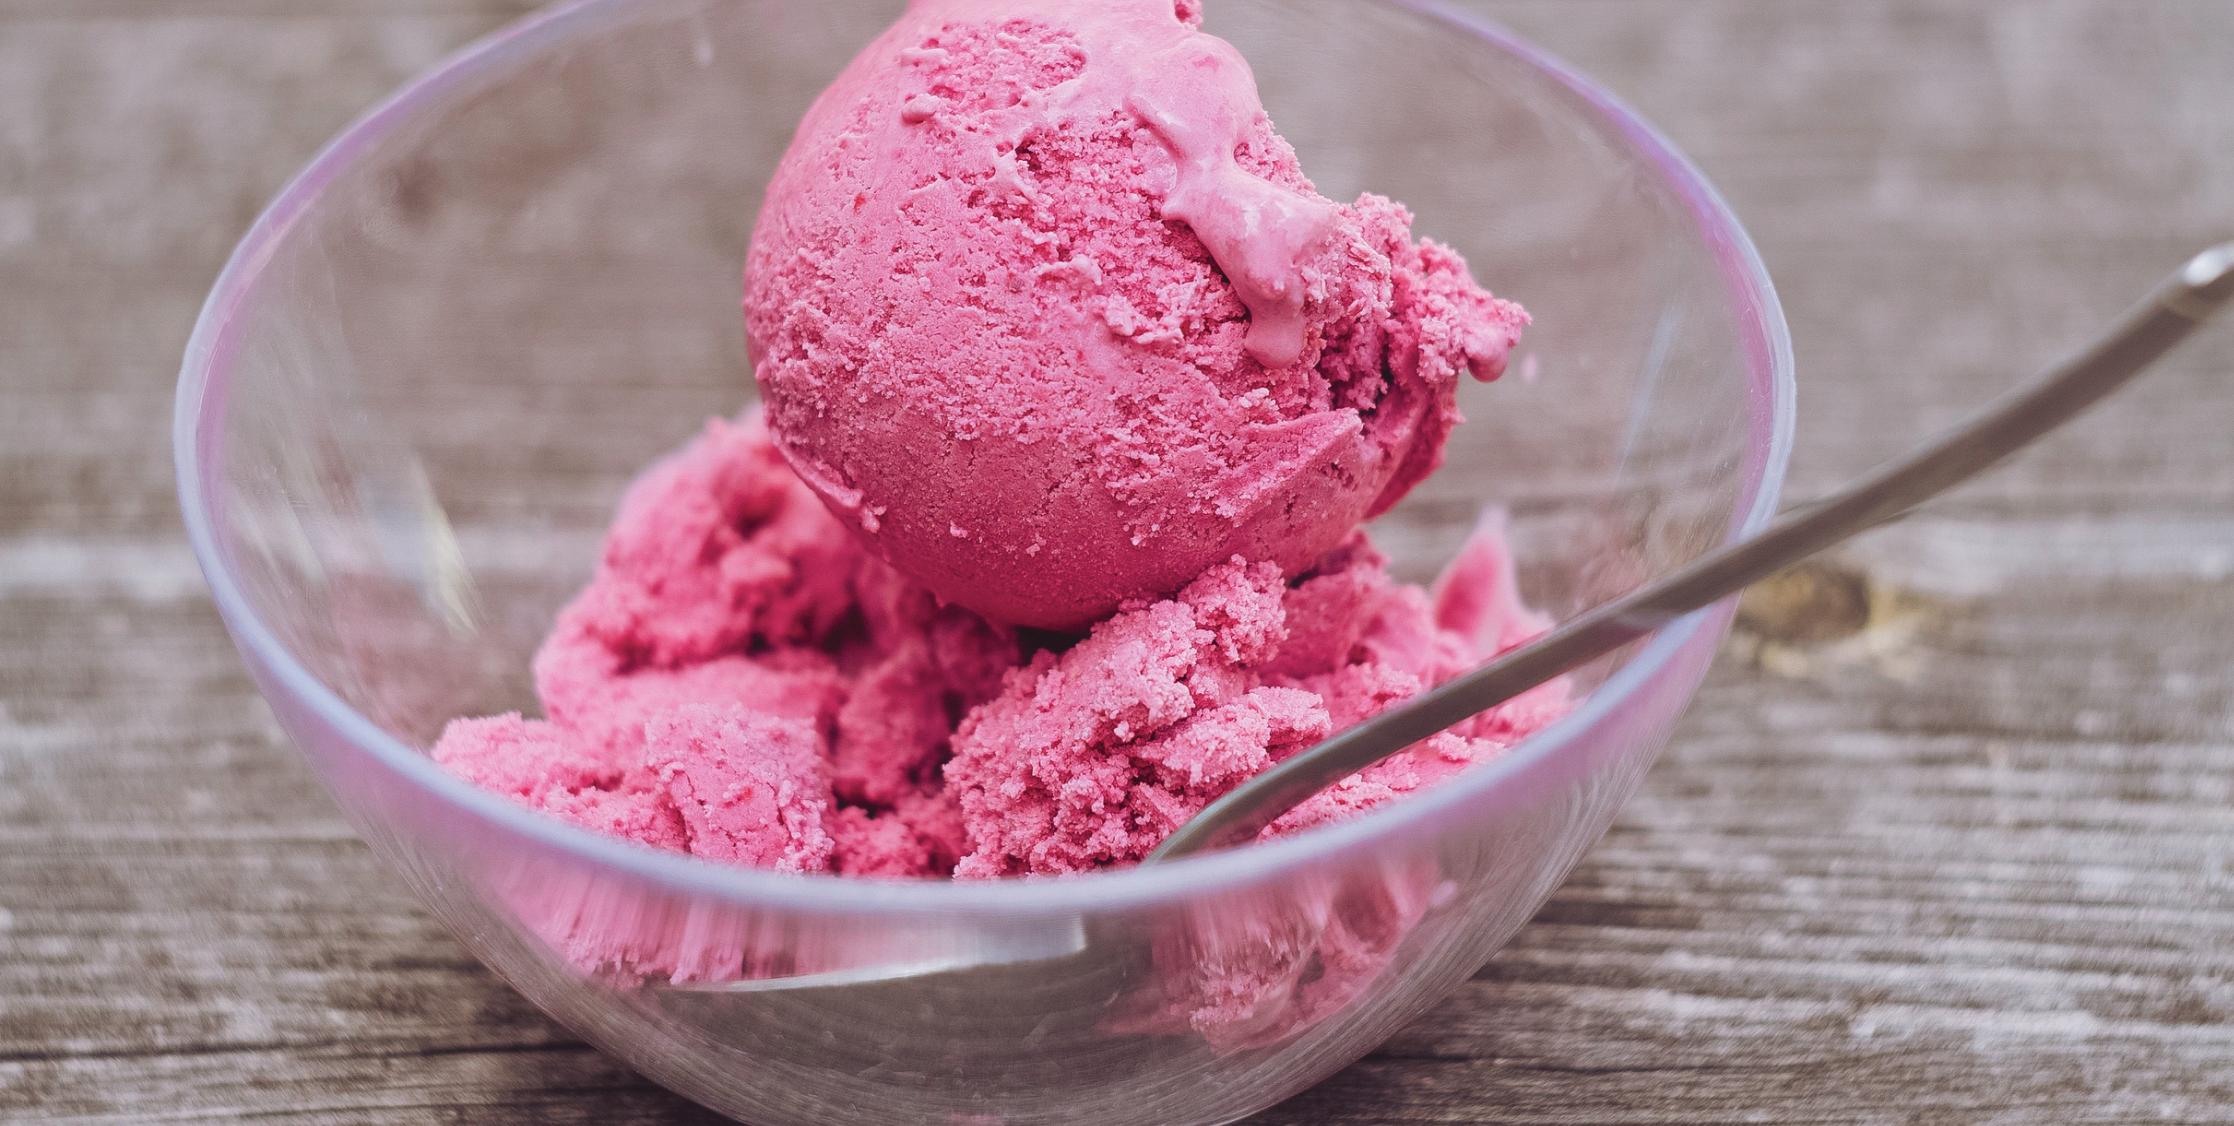 zdravi voćni sladoled 01-slowage365